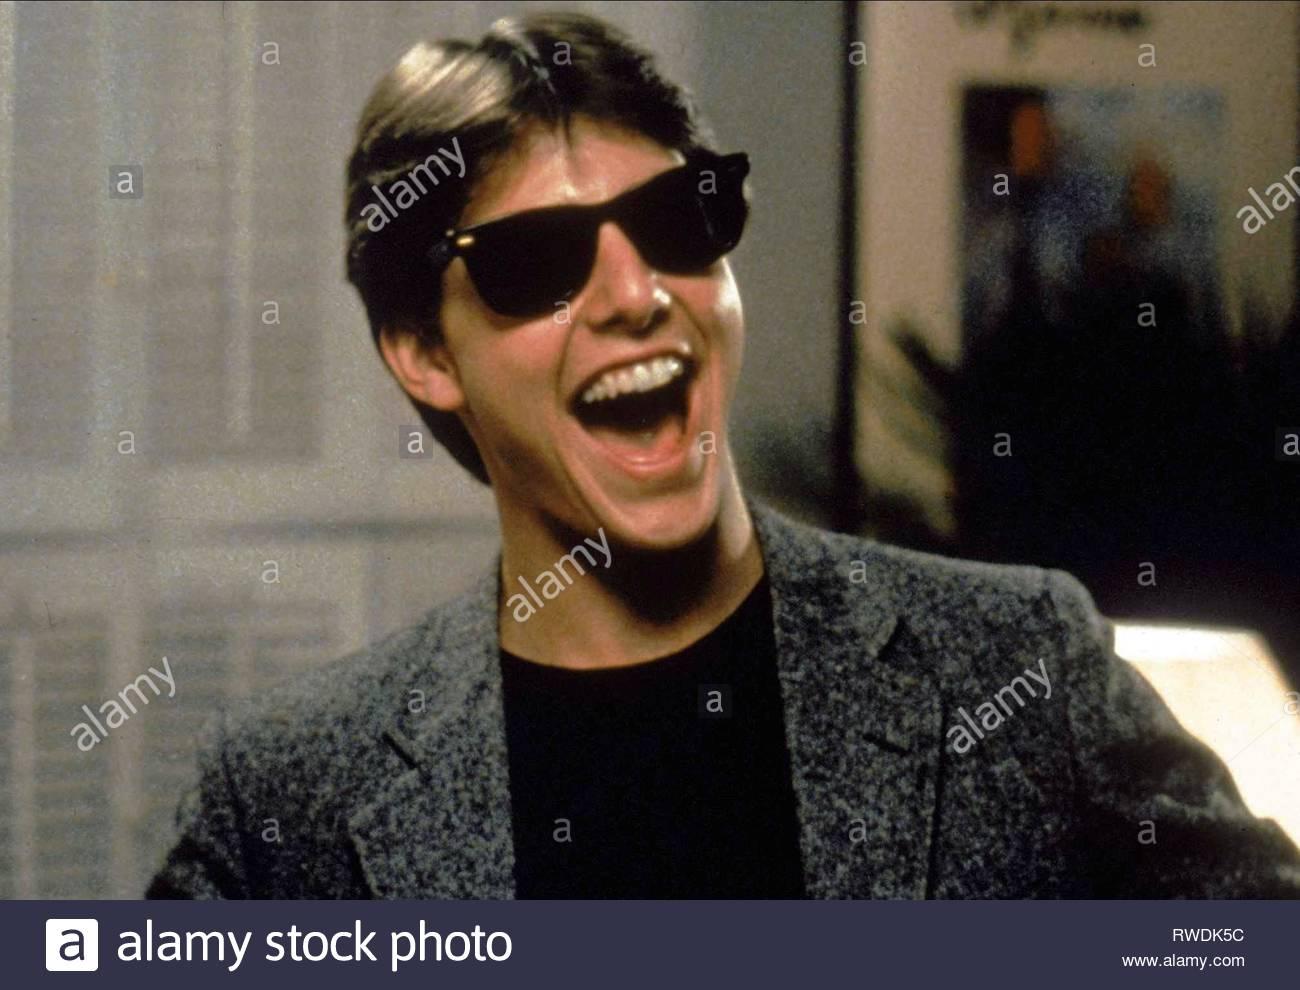 Tom Cruise Risky Business Stock Photos Tom Cruise Risky Business 1300x990